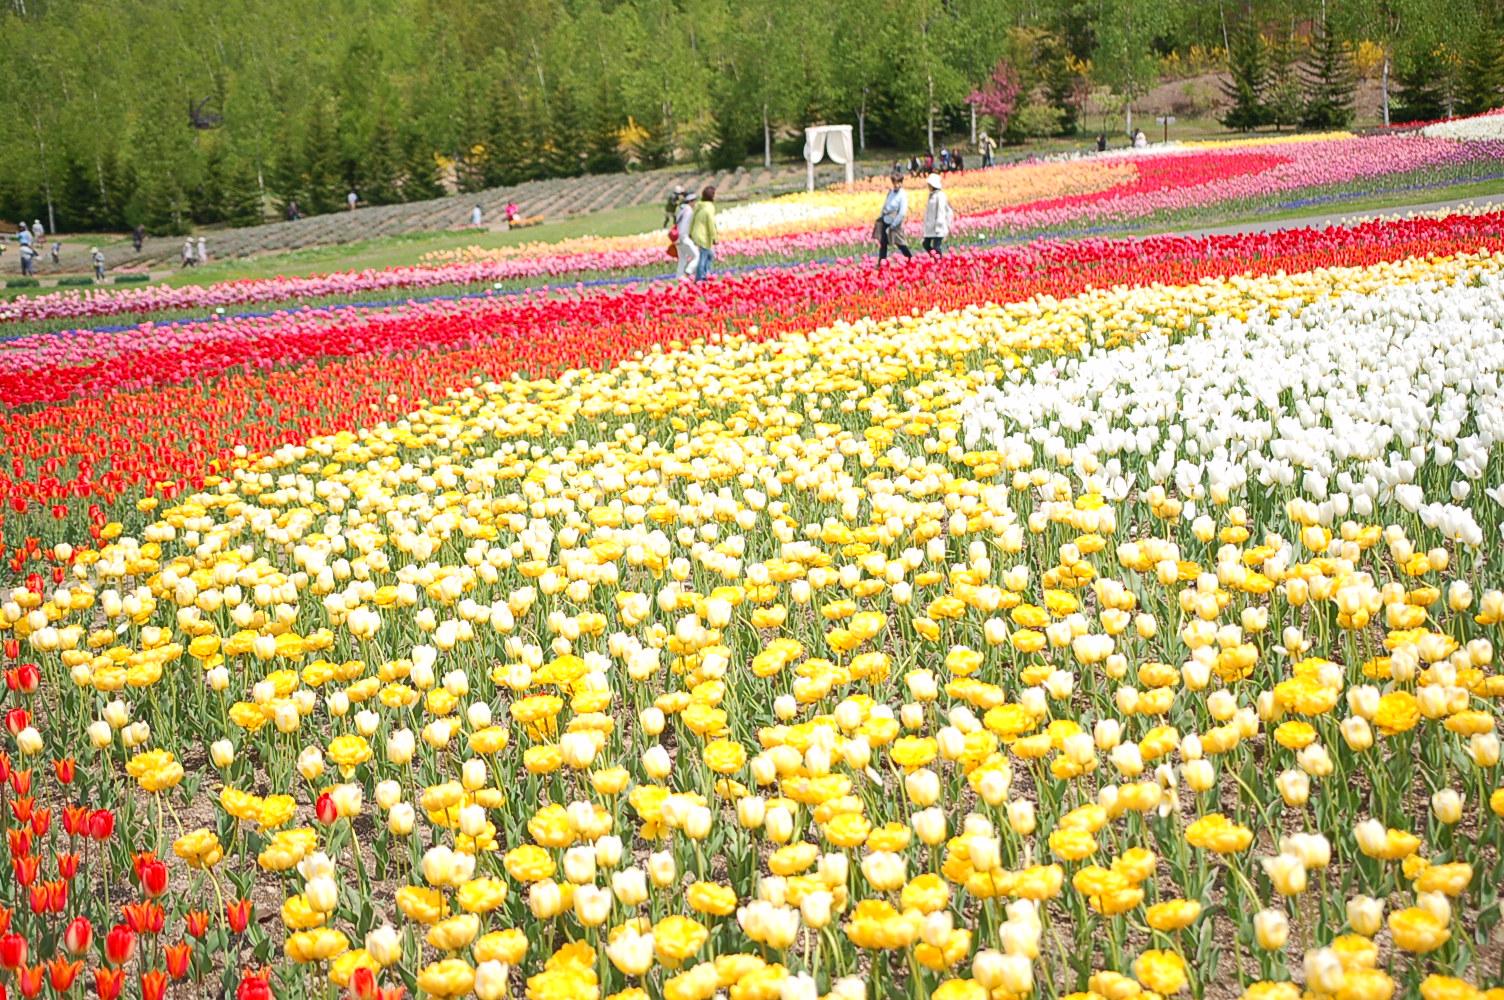 滝野すずらん丘陵公園では「チューリップ・すずらんフェスタ」が開催!